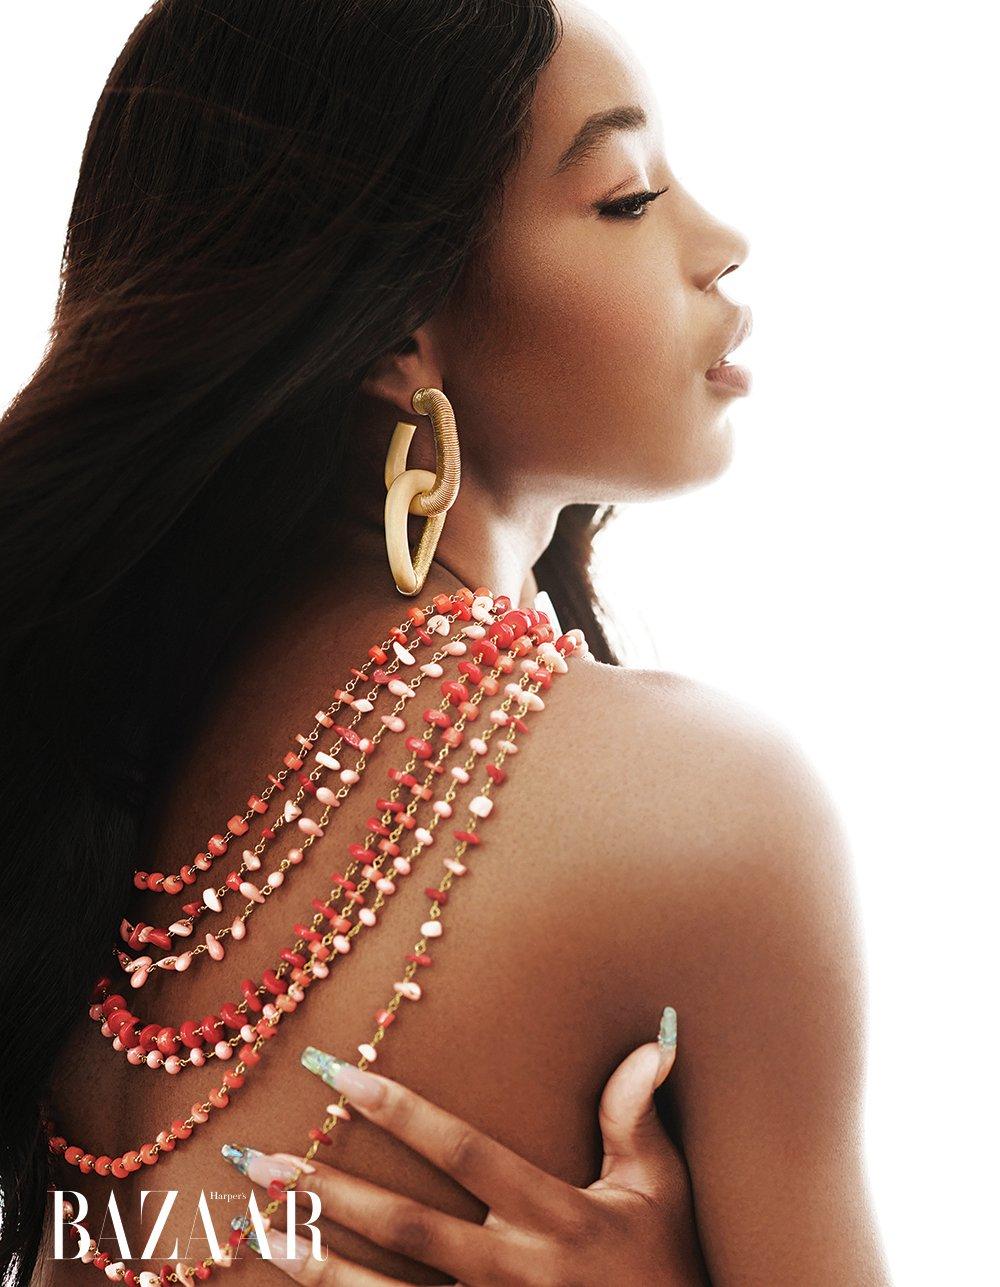 Cách chọn trang sức thông qua bộ ảnh Her Mystique